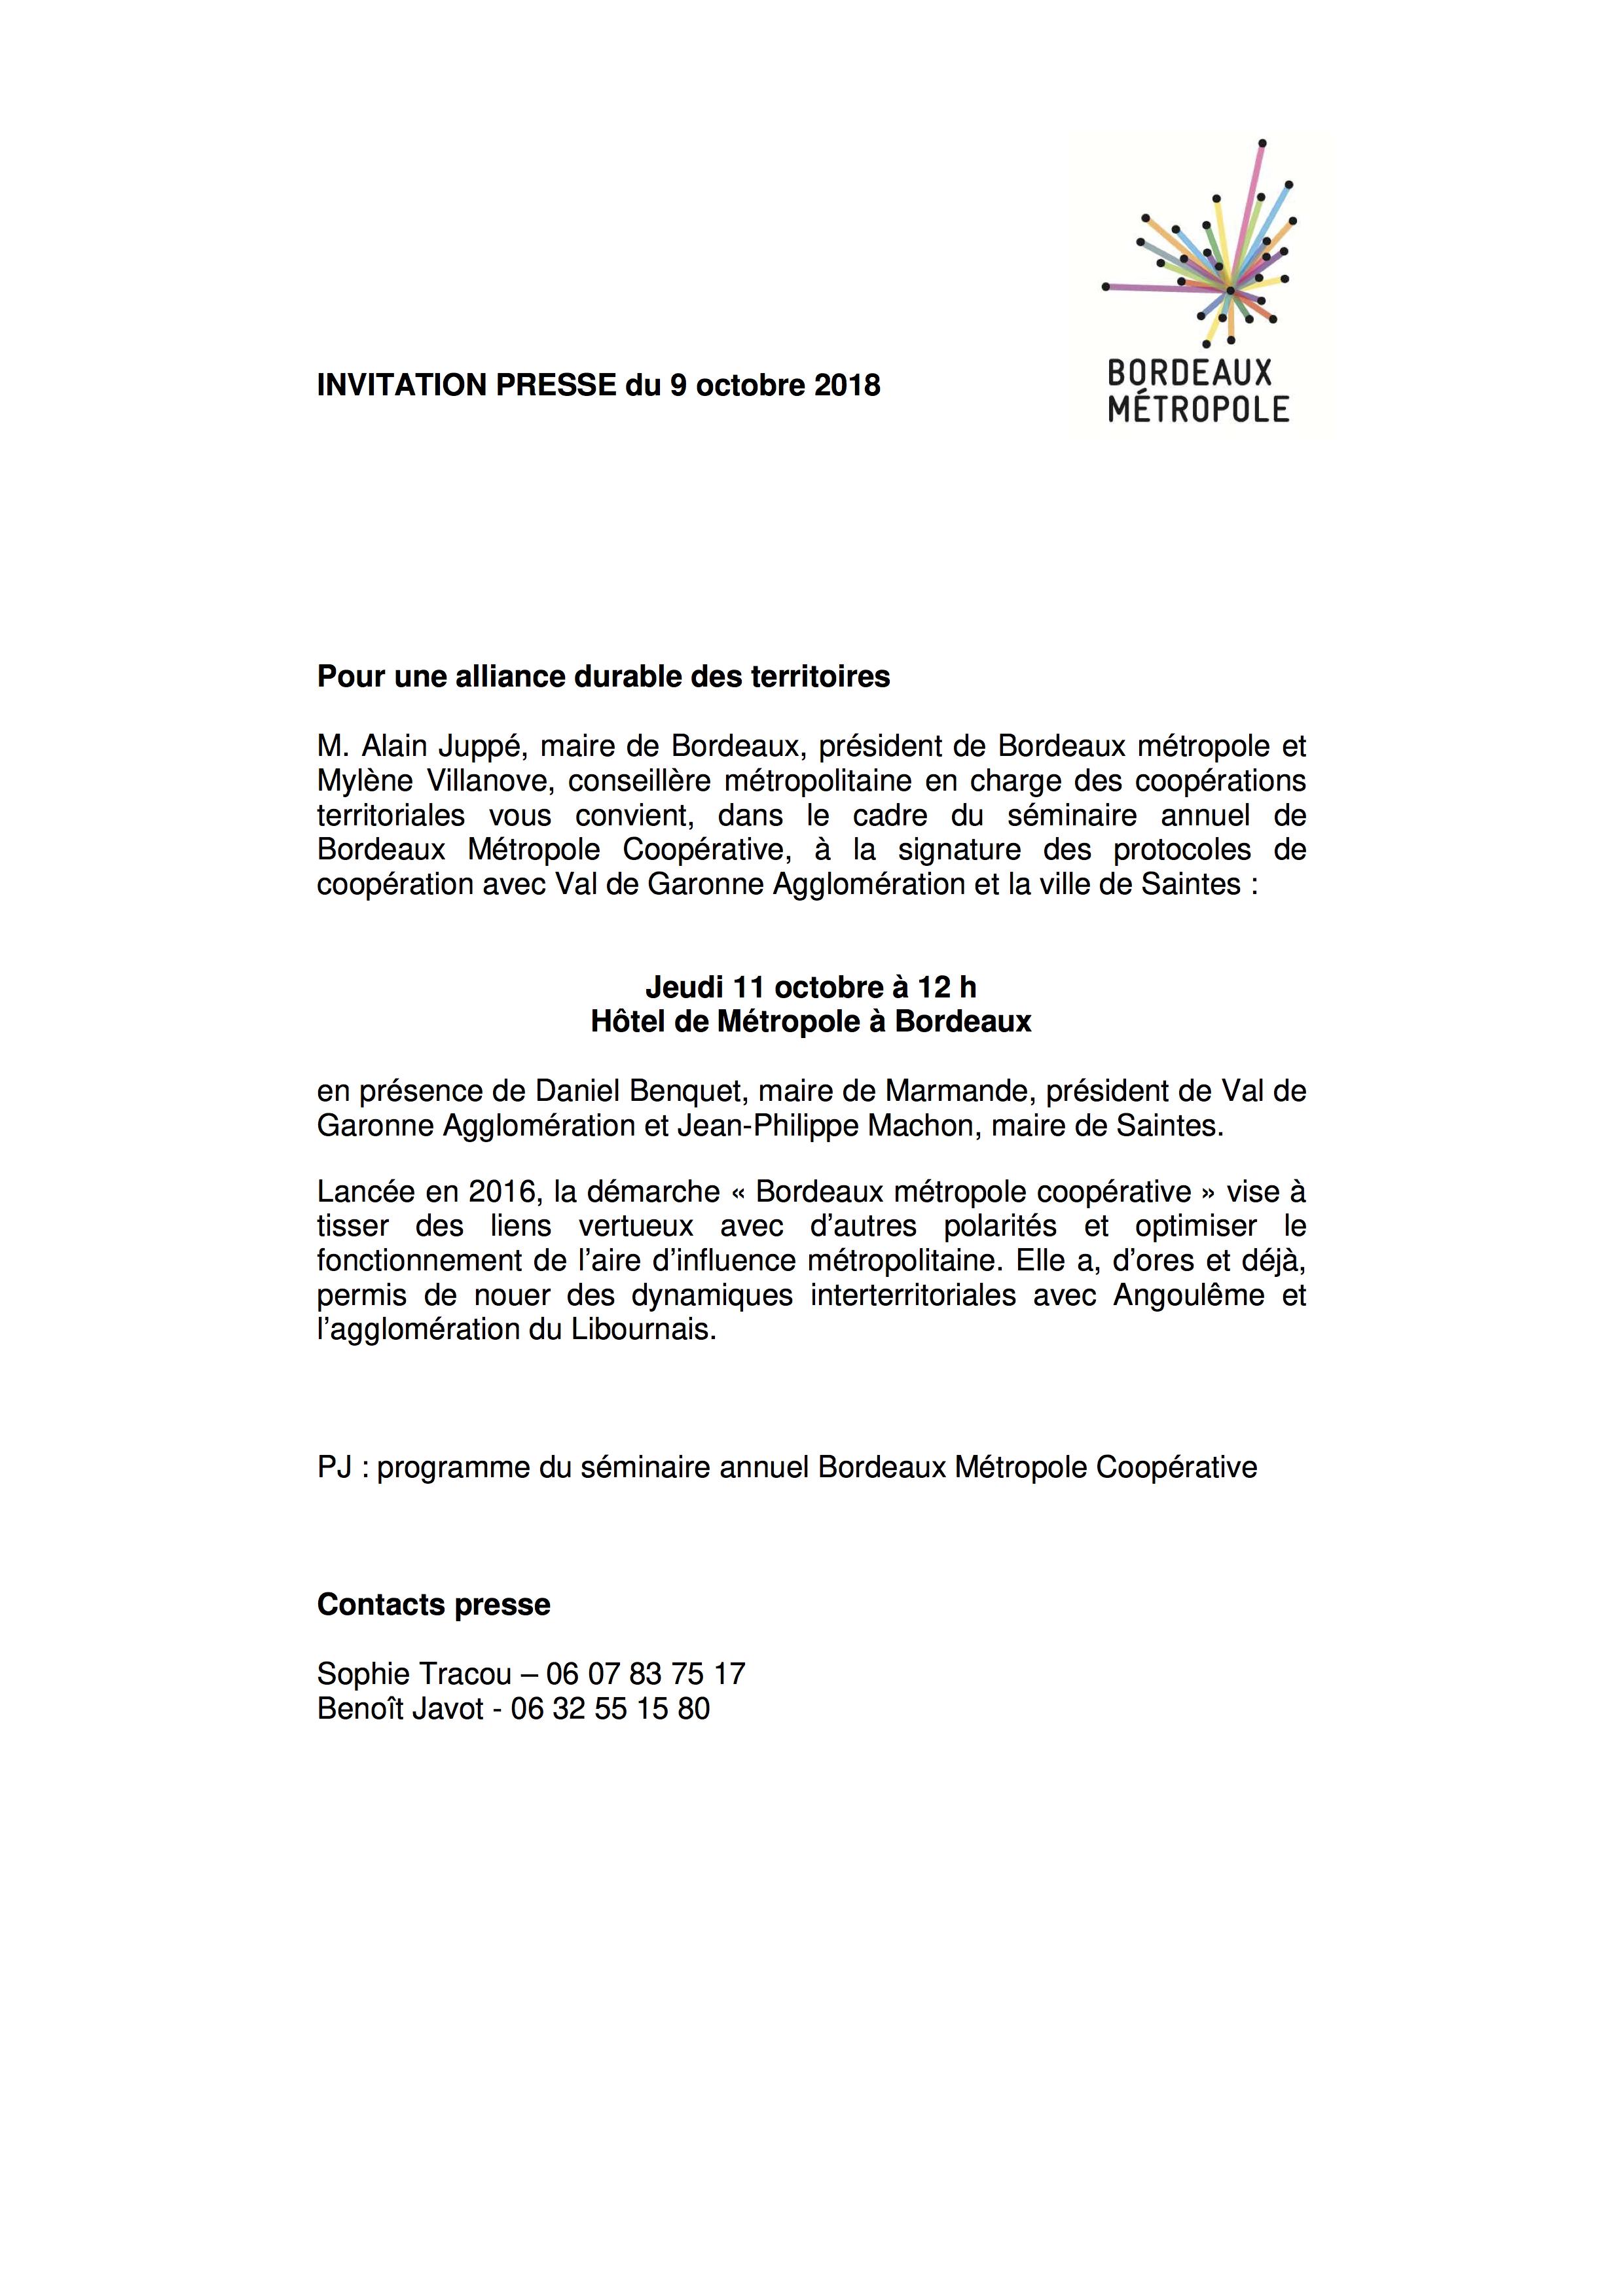 %e2%80%8cinvitation-seminaire-cooperation-11-10-2018